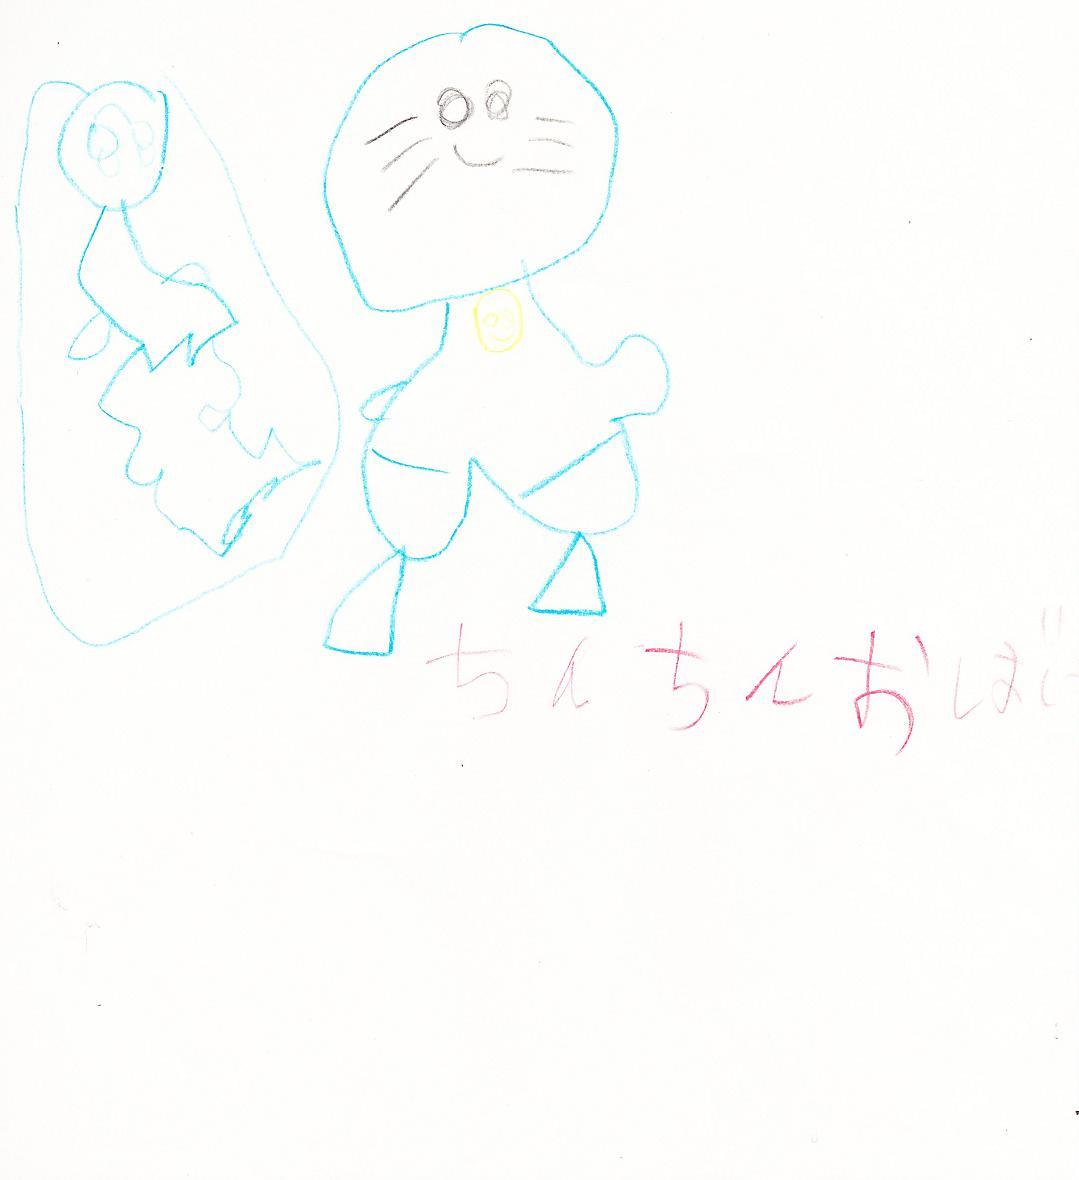 SCN_0031.jpg